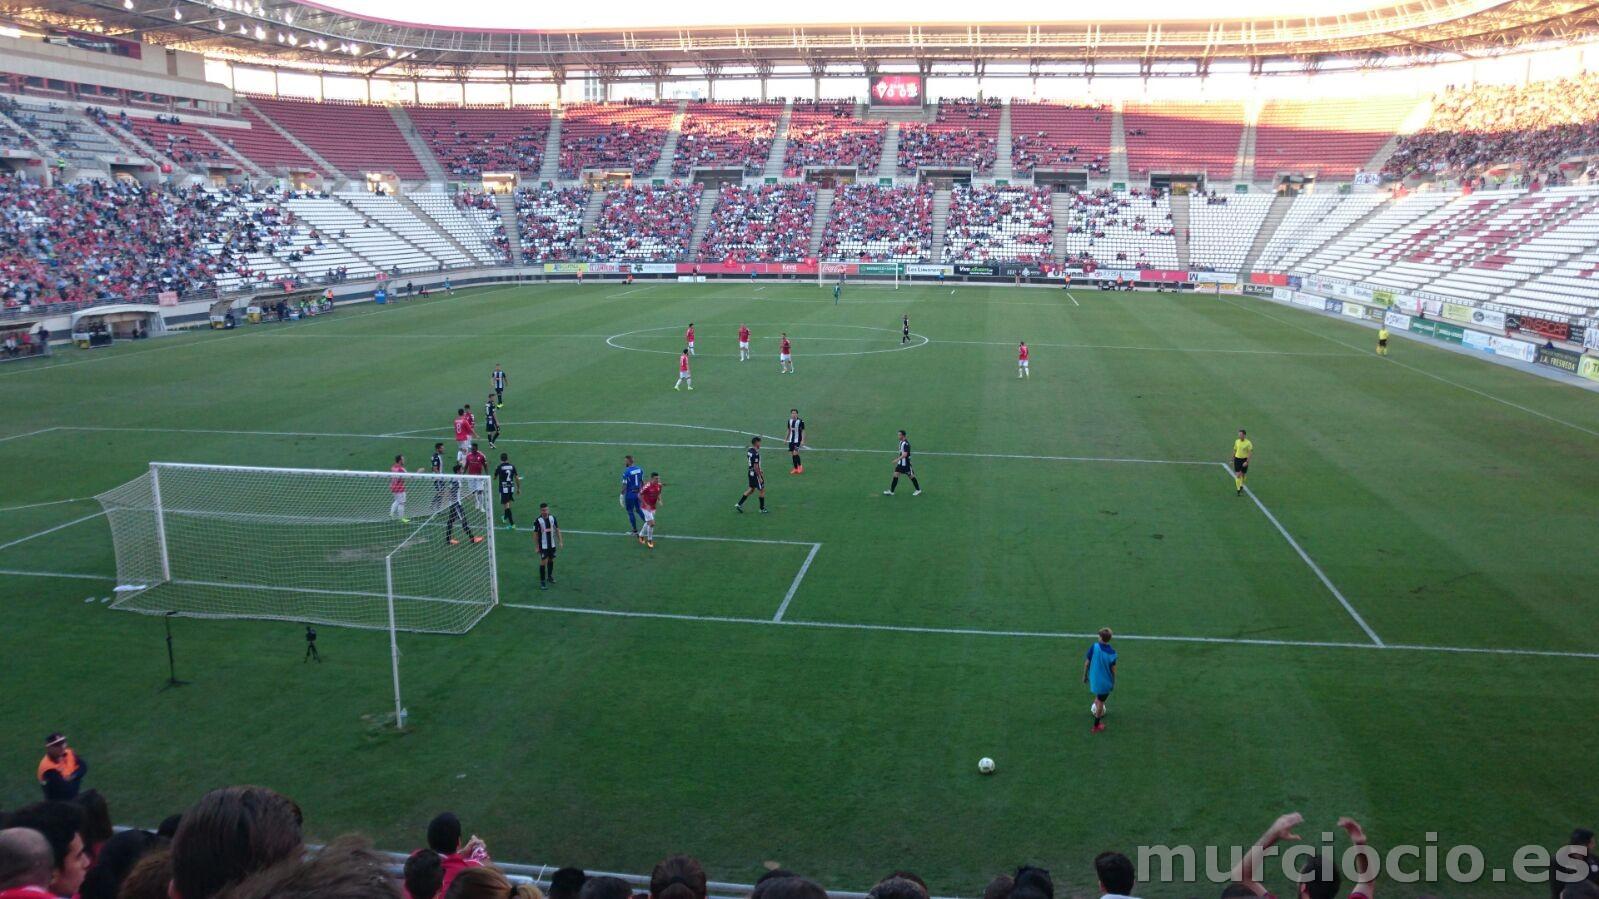 El esperado derbi regional entre Real Murcia y Cartagena finalizó con un  empate sin goles en un partido que pese a la ausencia de los mismos deparó  momentos ... 19159135e6784